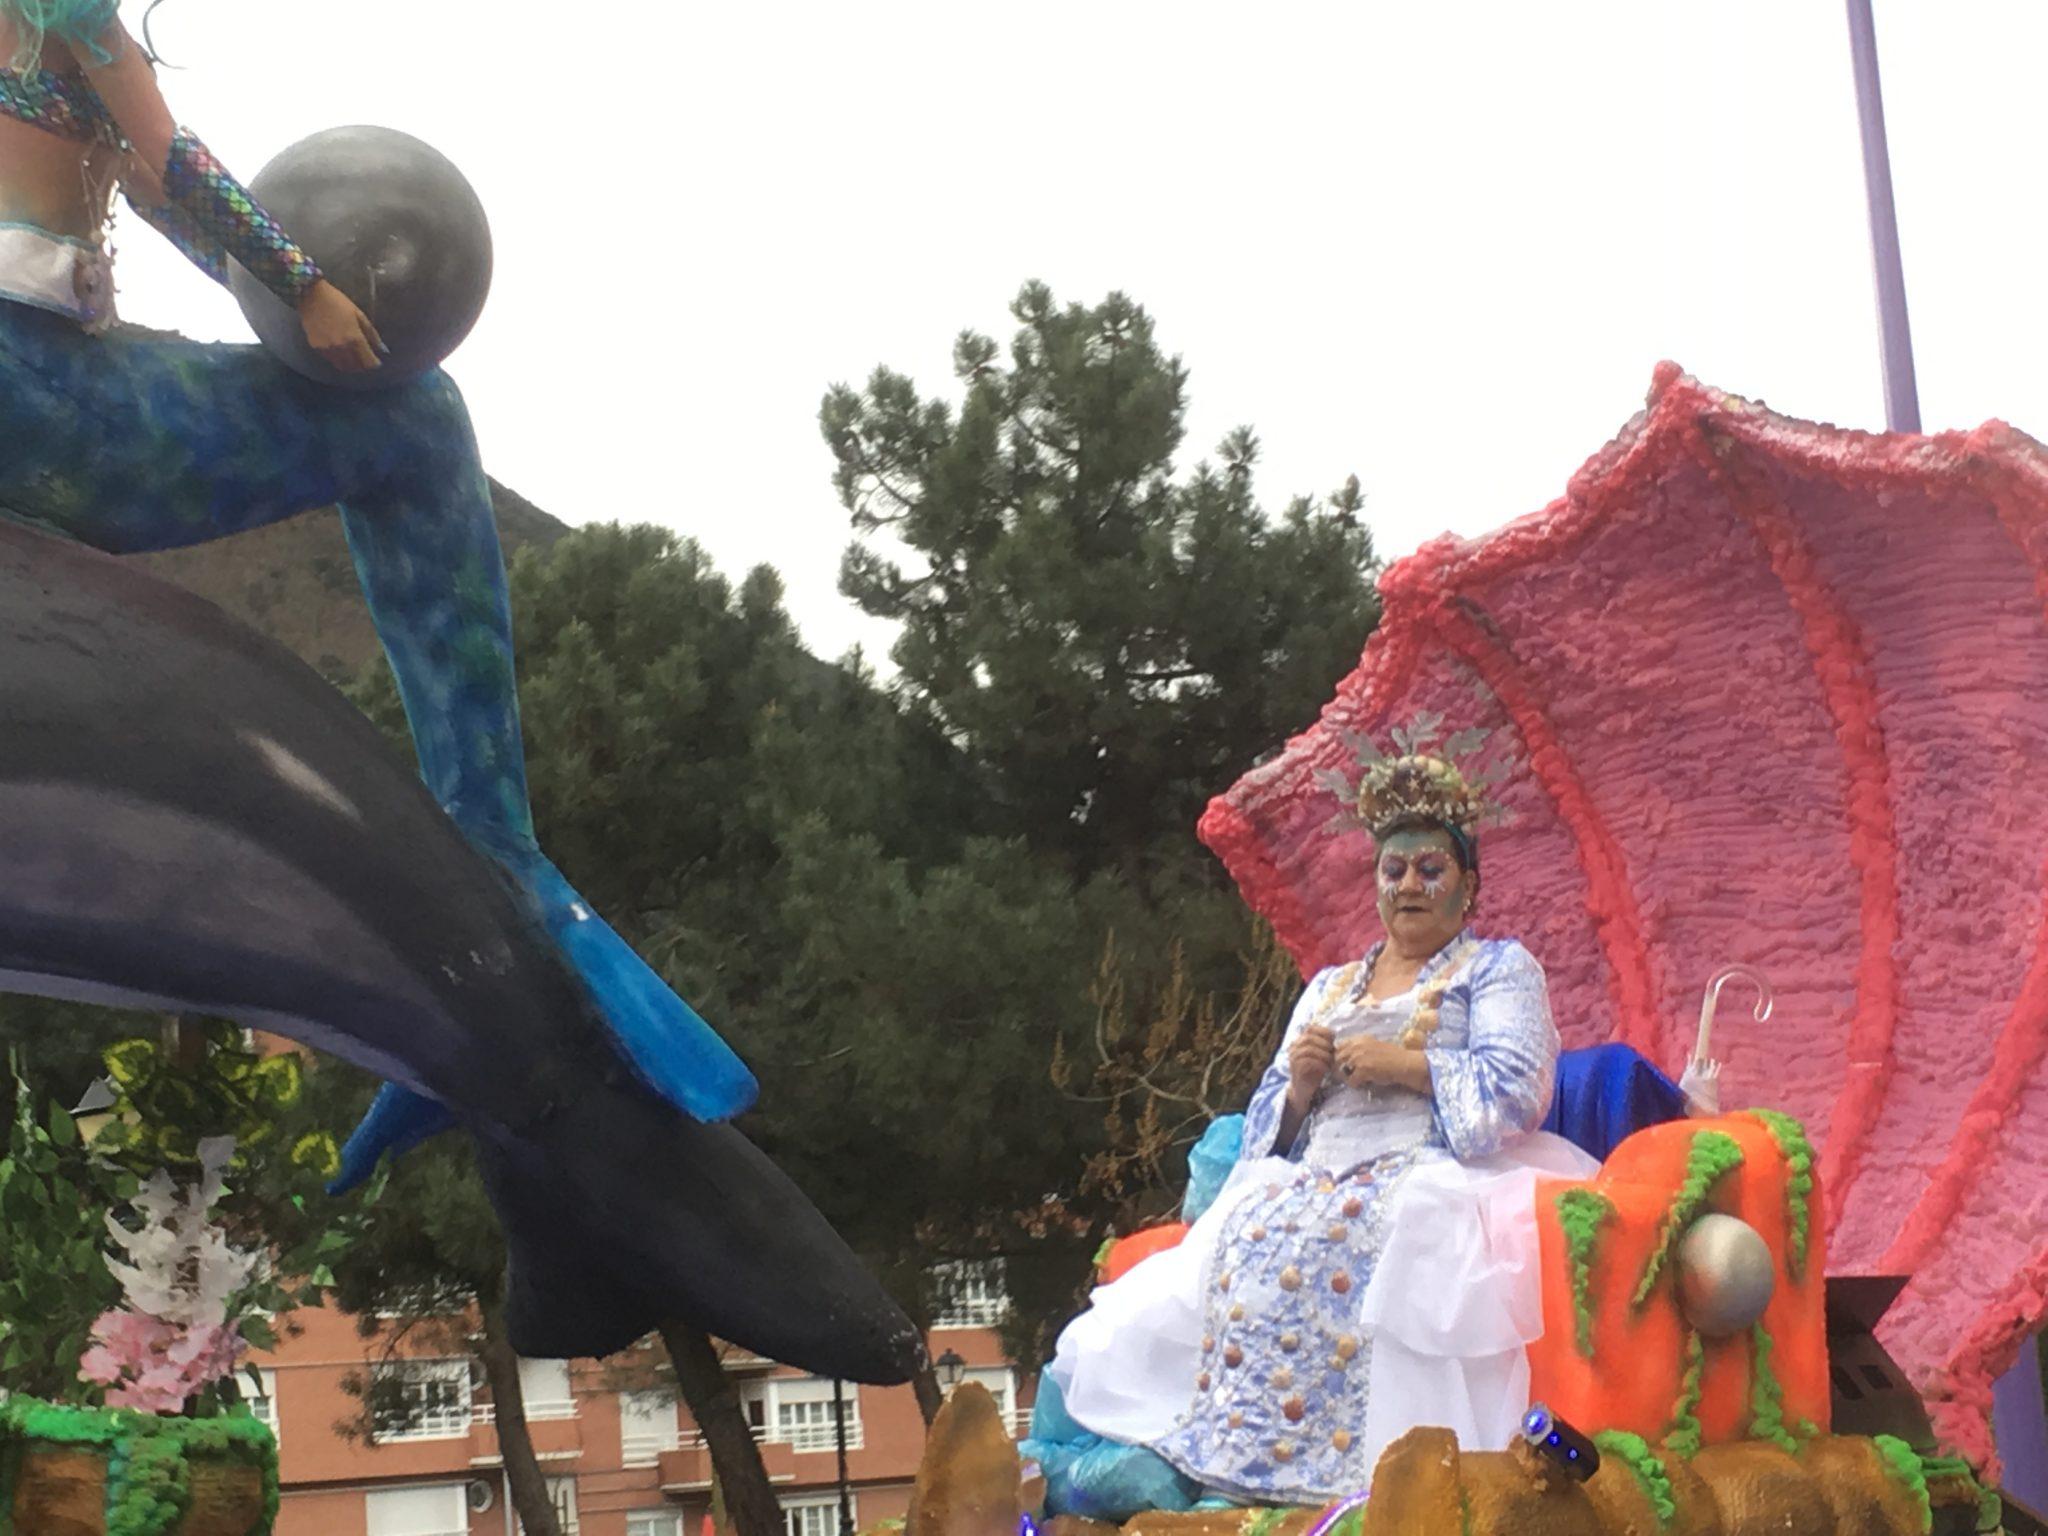 Álbum de fotos del martes de Carnaval 2019 en Ponferrada 47